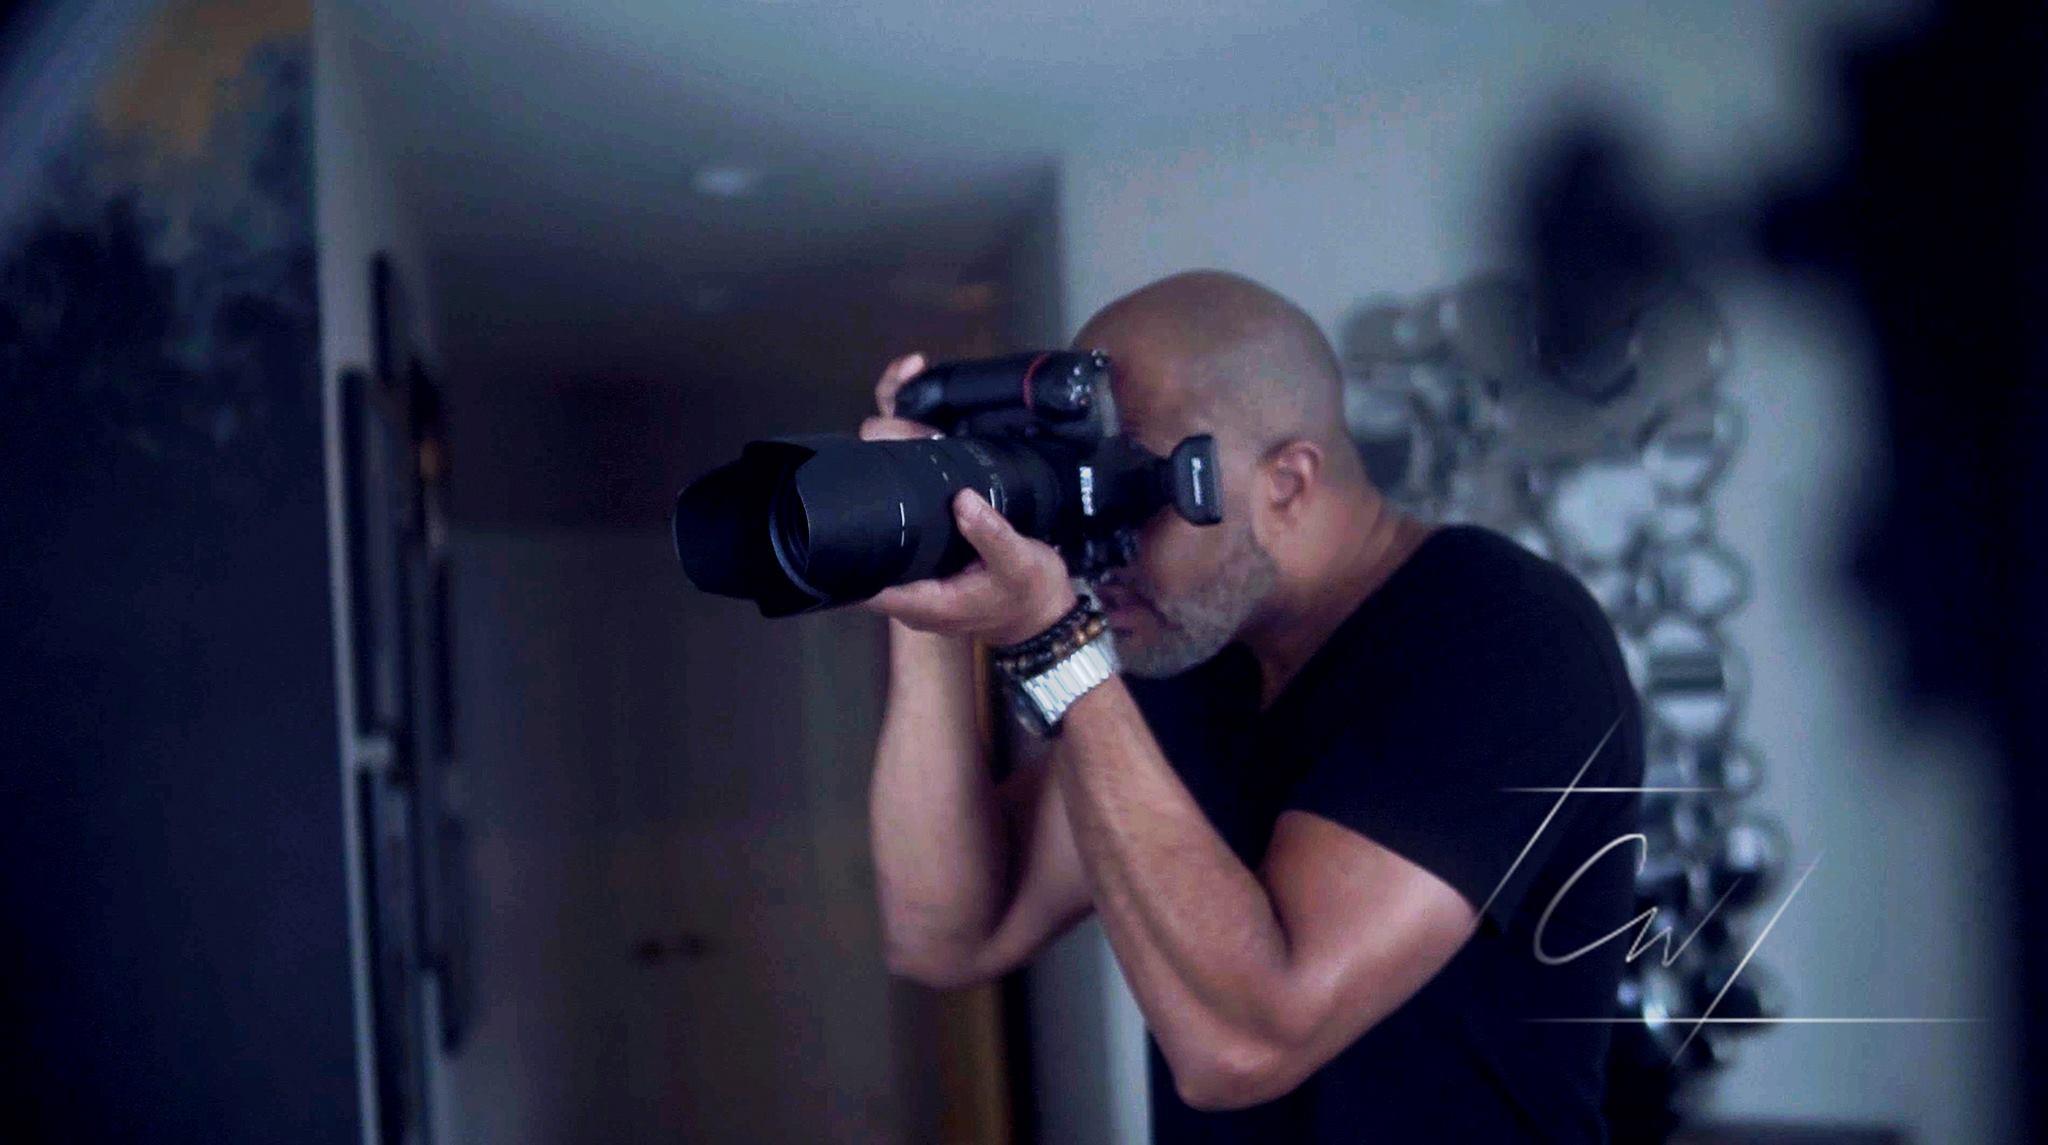 Christian Webb-Photography-Headshots-New York-Atlanta-Actor Headshots